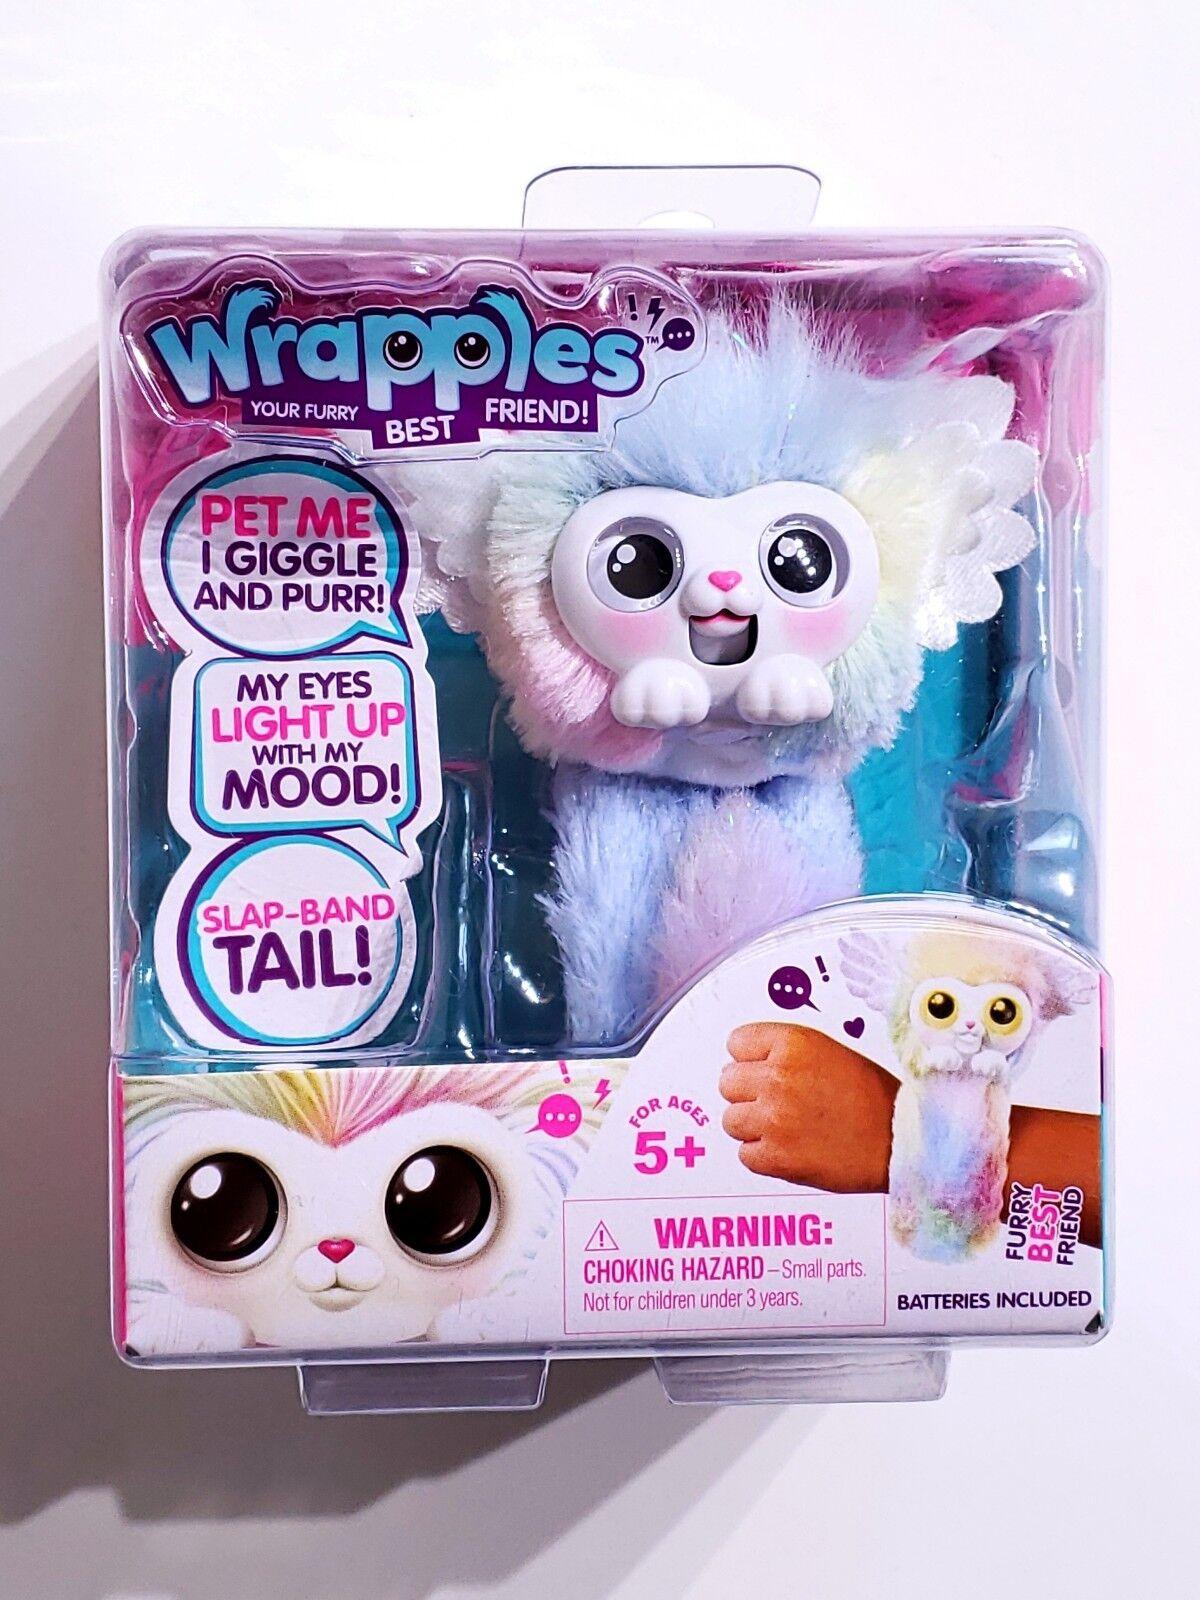 Luna Luna Luna Wrapples Little Live Pet Walmart Exclusive Interactive Slap Bracelet 37a8b3